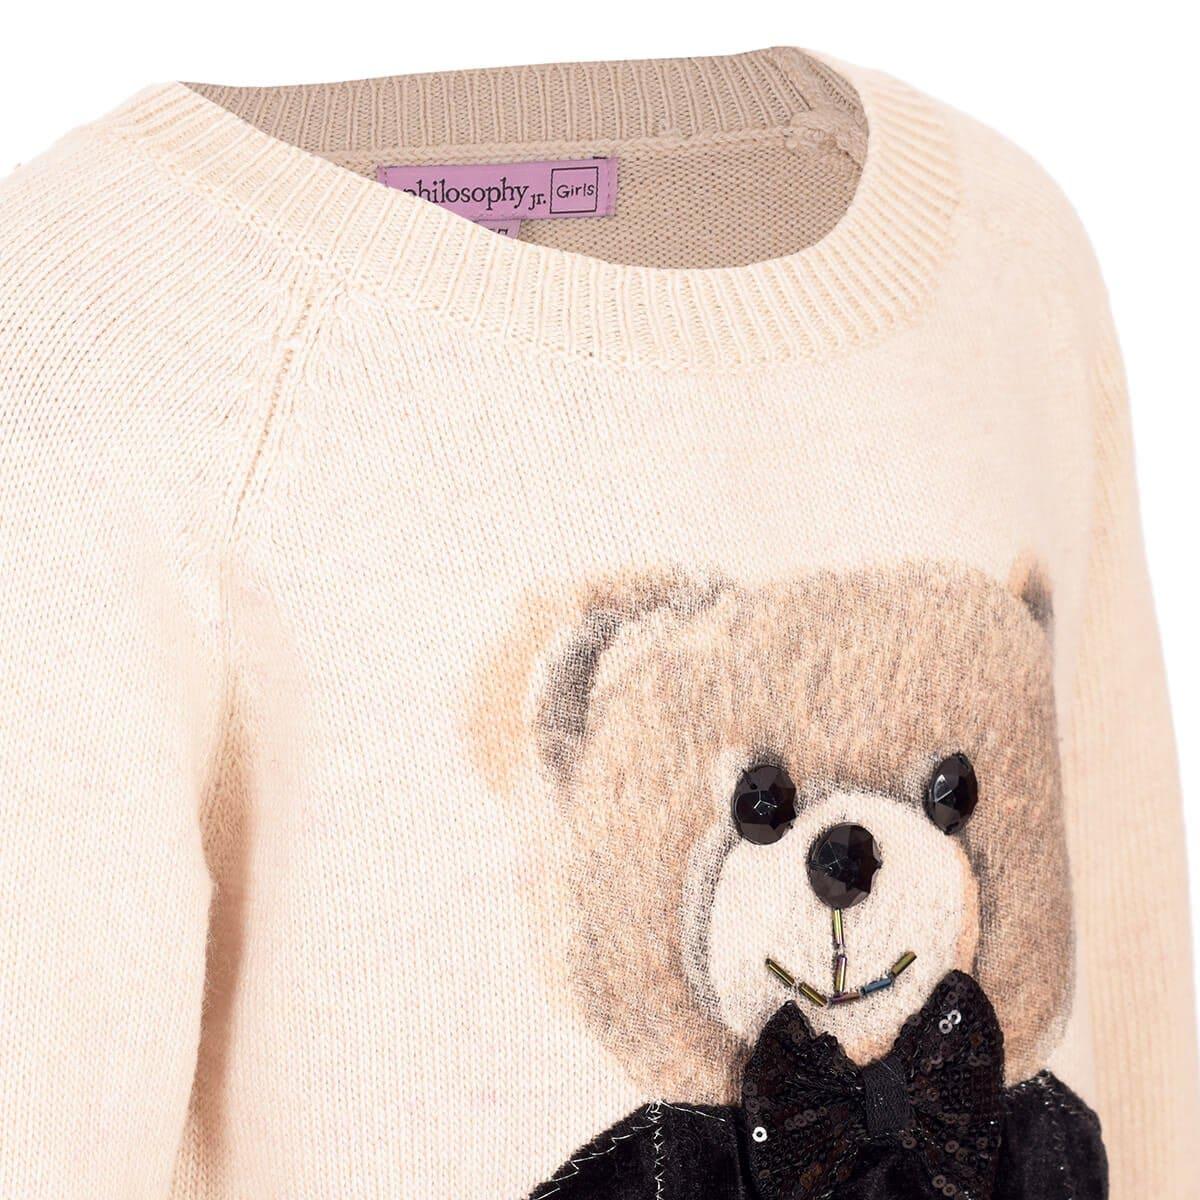 Suéter de Osito Philosphy Jr.